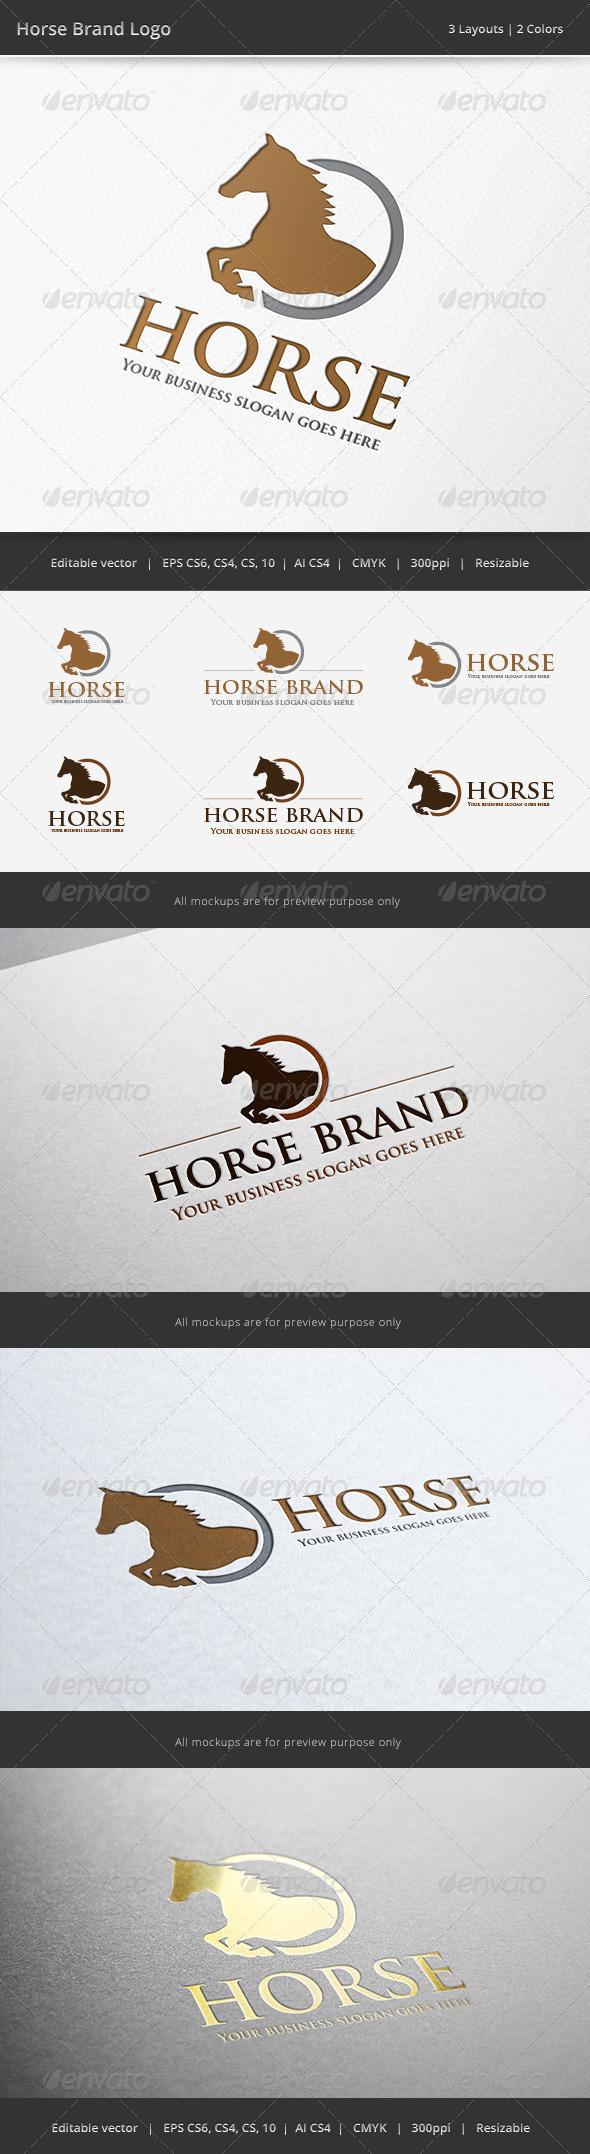 GraphicRiver Horse Brand Logo 6518635